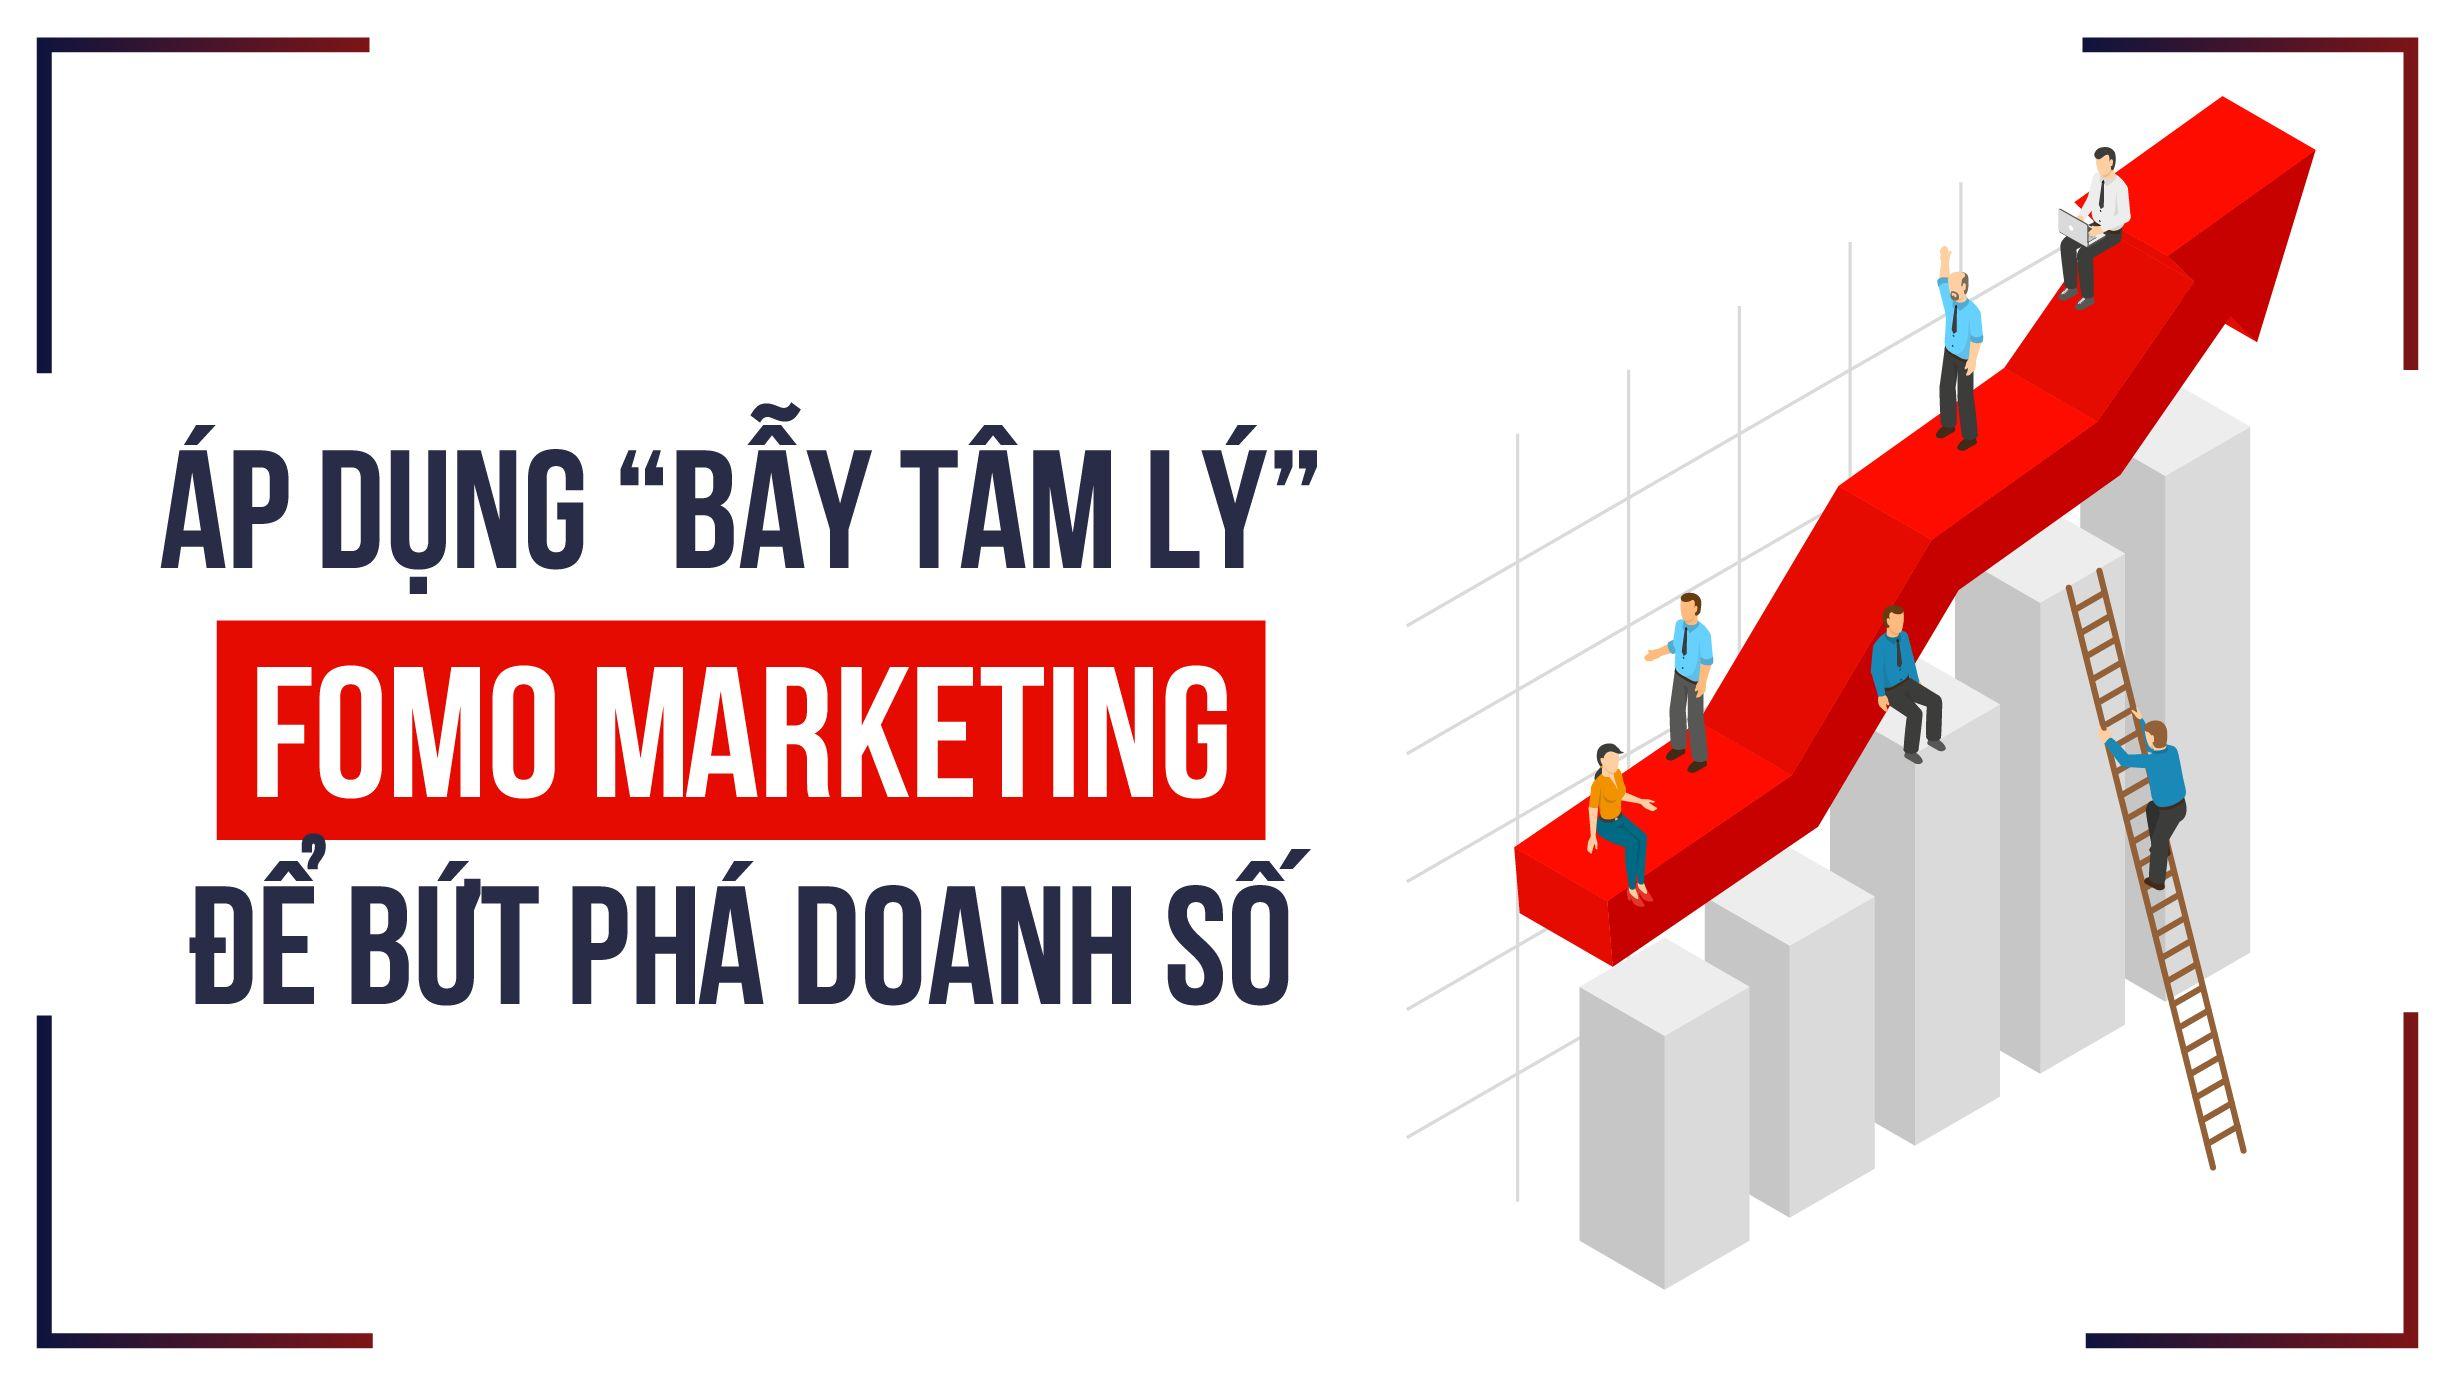 """Áp dụng """"bẫy tâm lý"""" FOMO Marketing để bứt phá doanh số"""